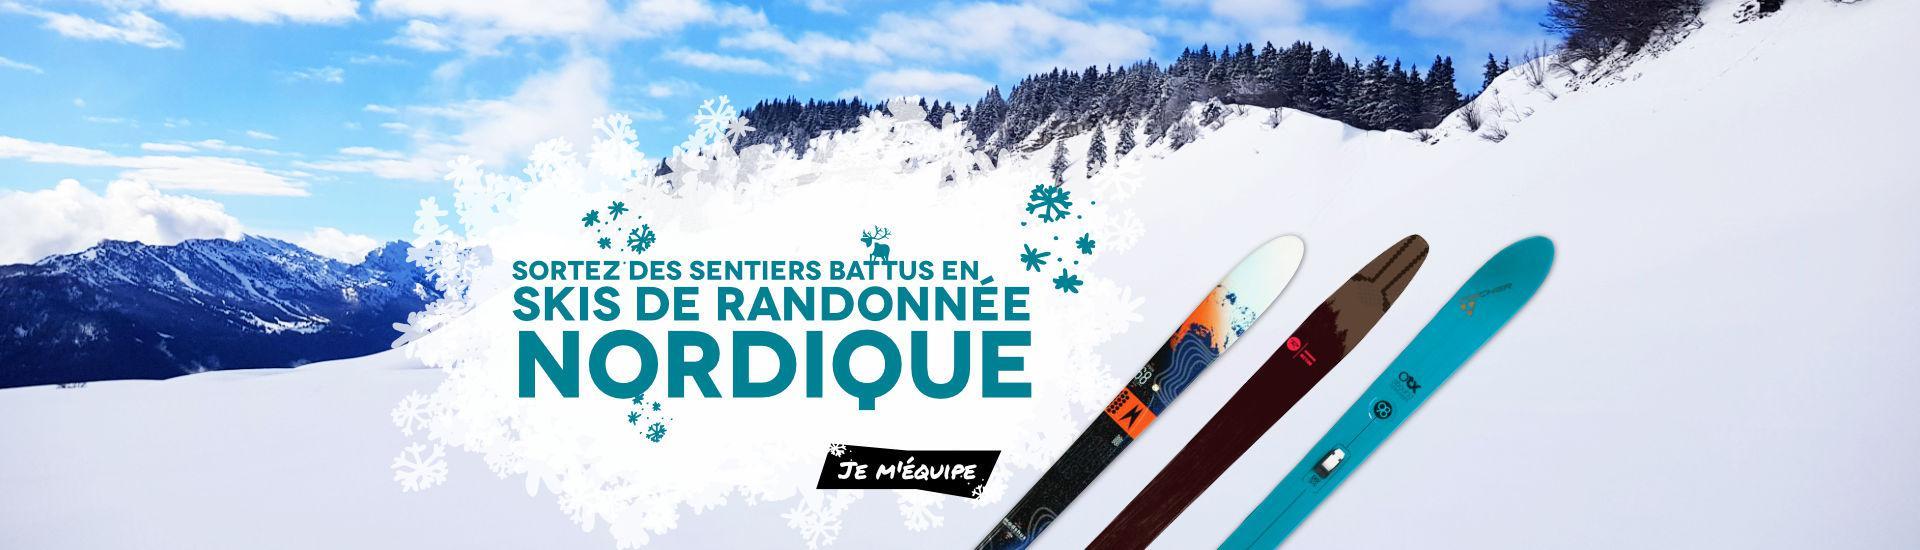 Skis de Randonnée Nordique